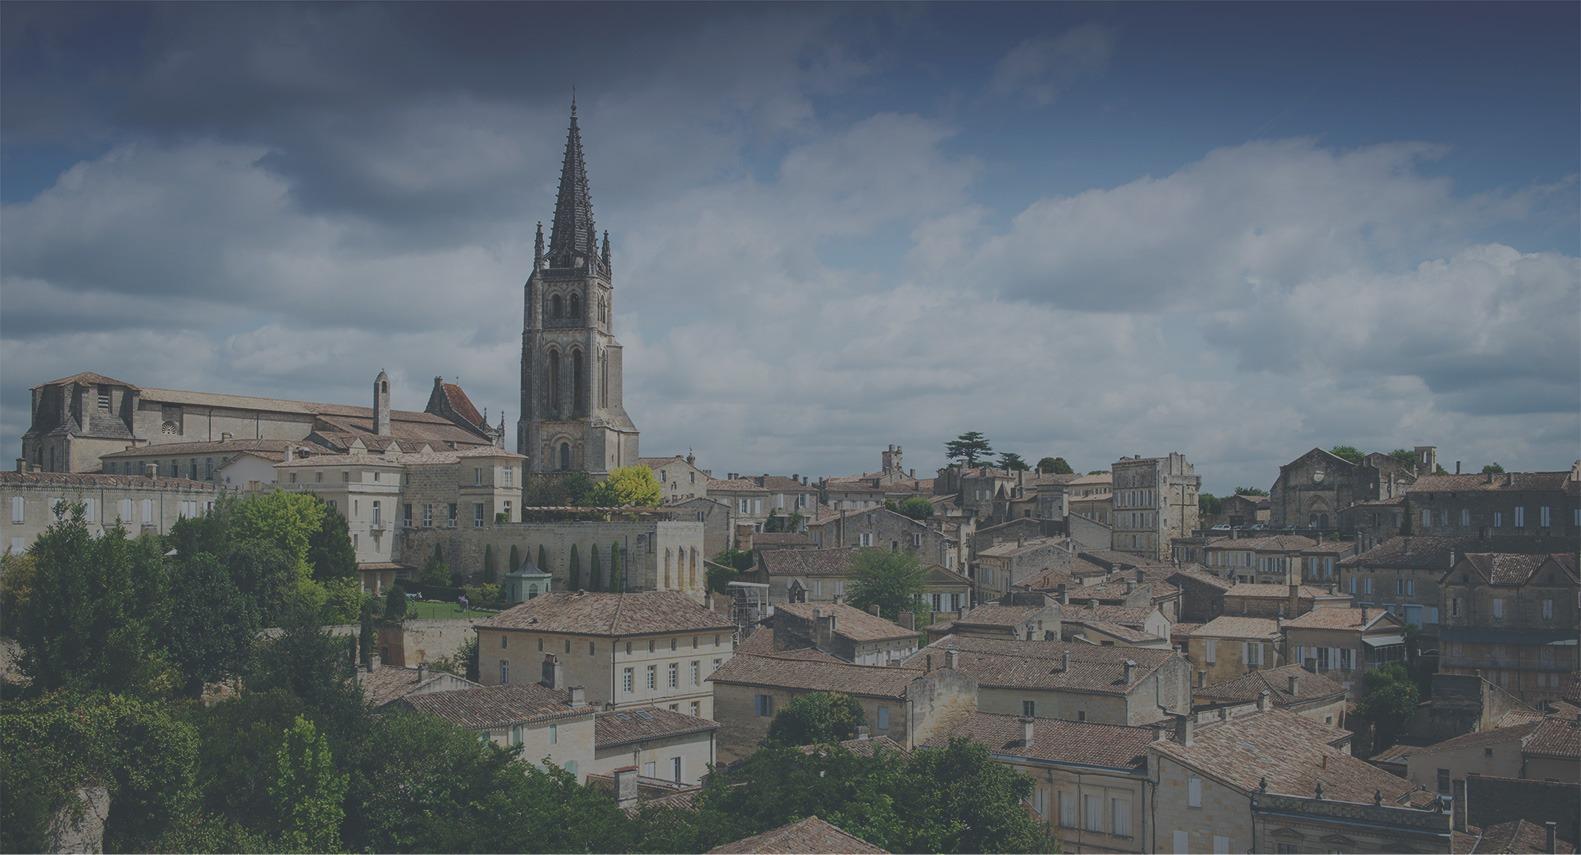 Alec - Agence locale de l'énergie et du climat - Métropole bordelaise et Gironde